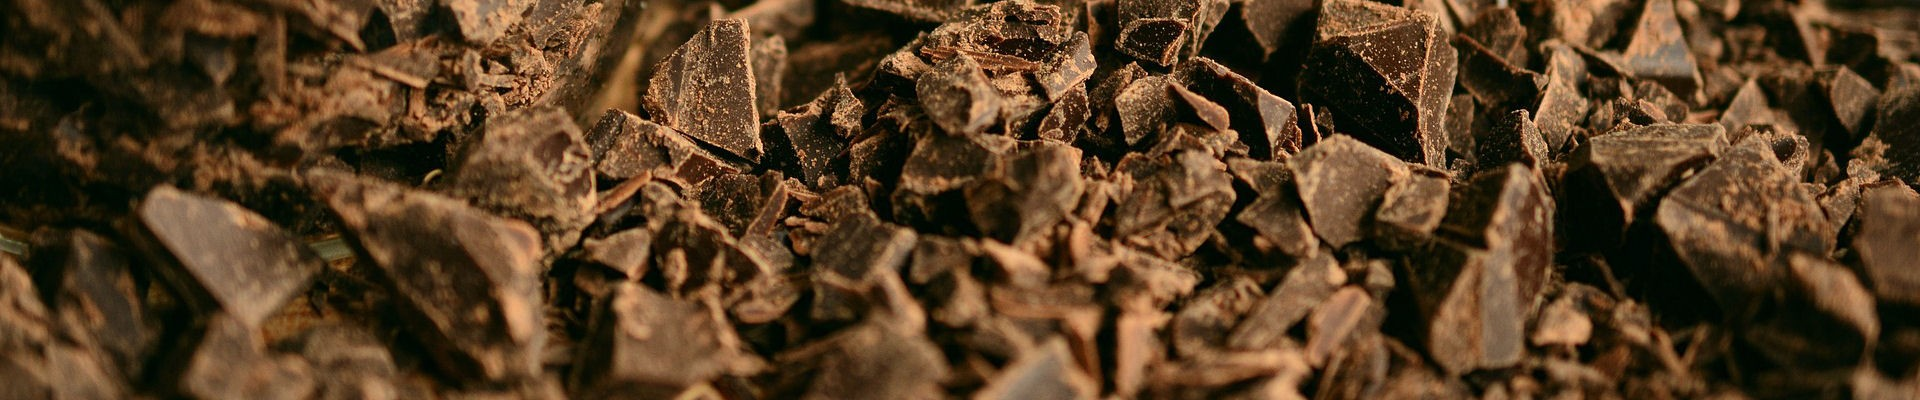 v1-chocolat-400px-843